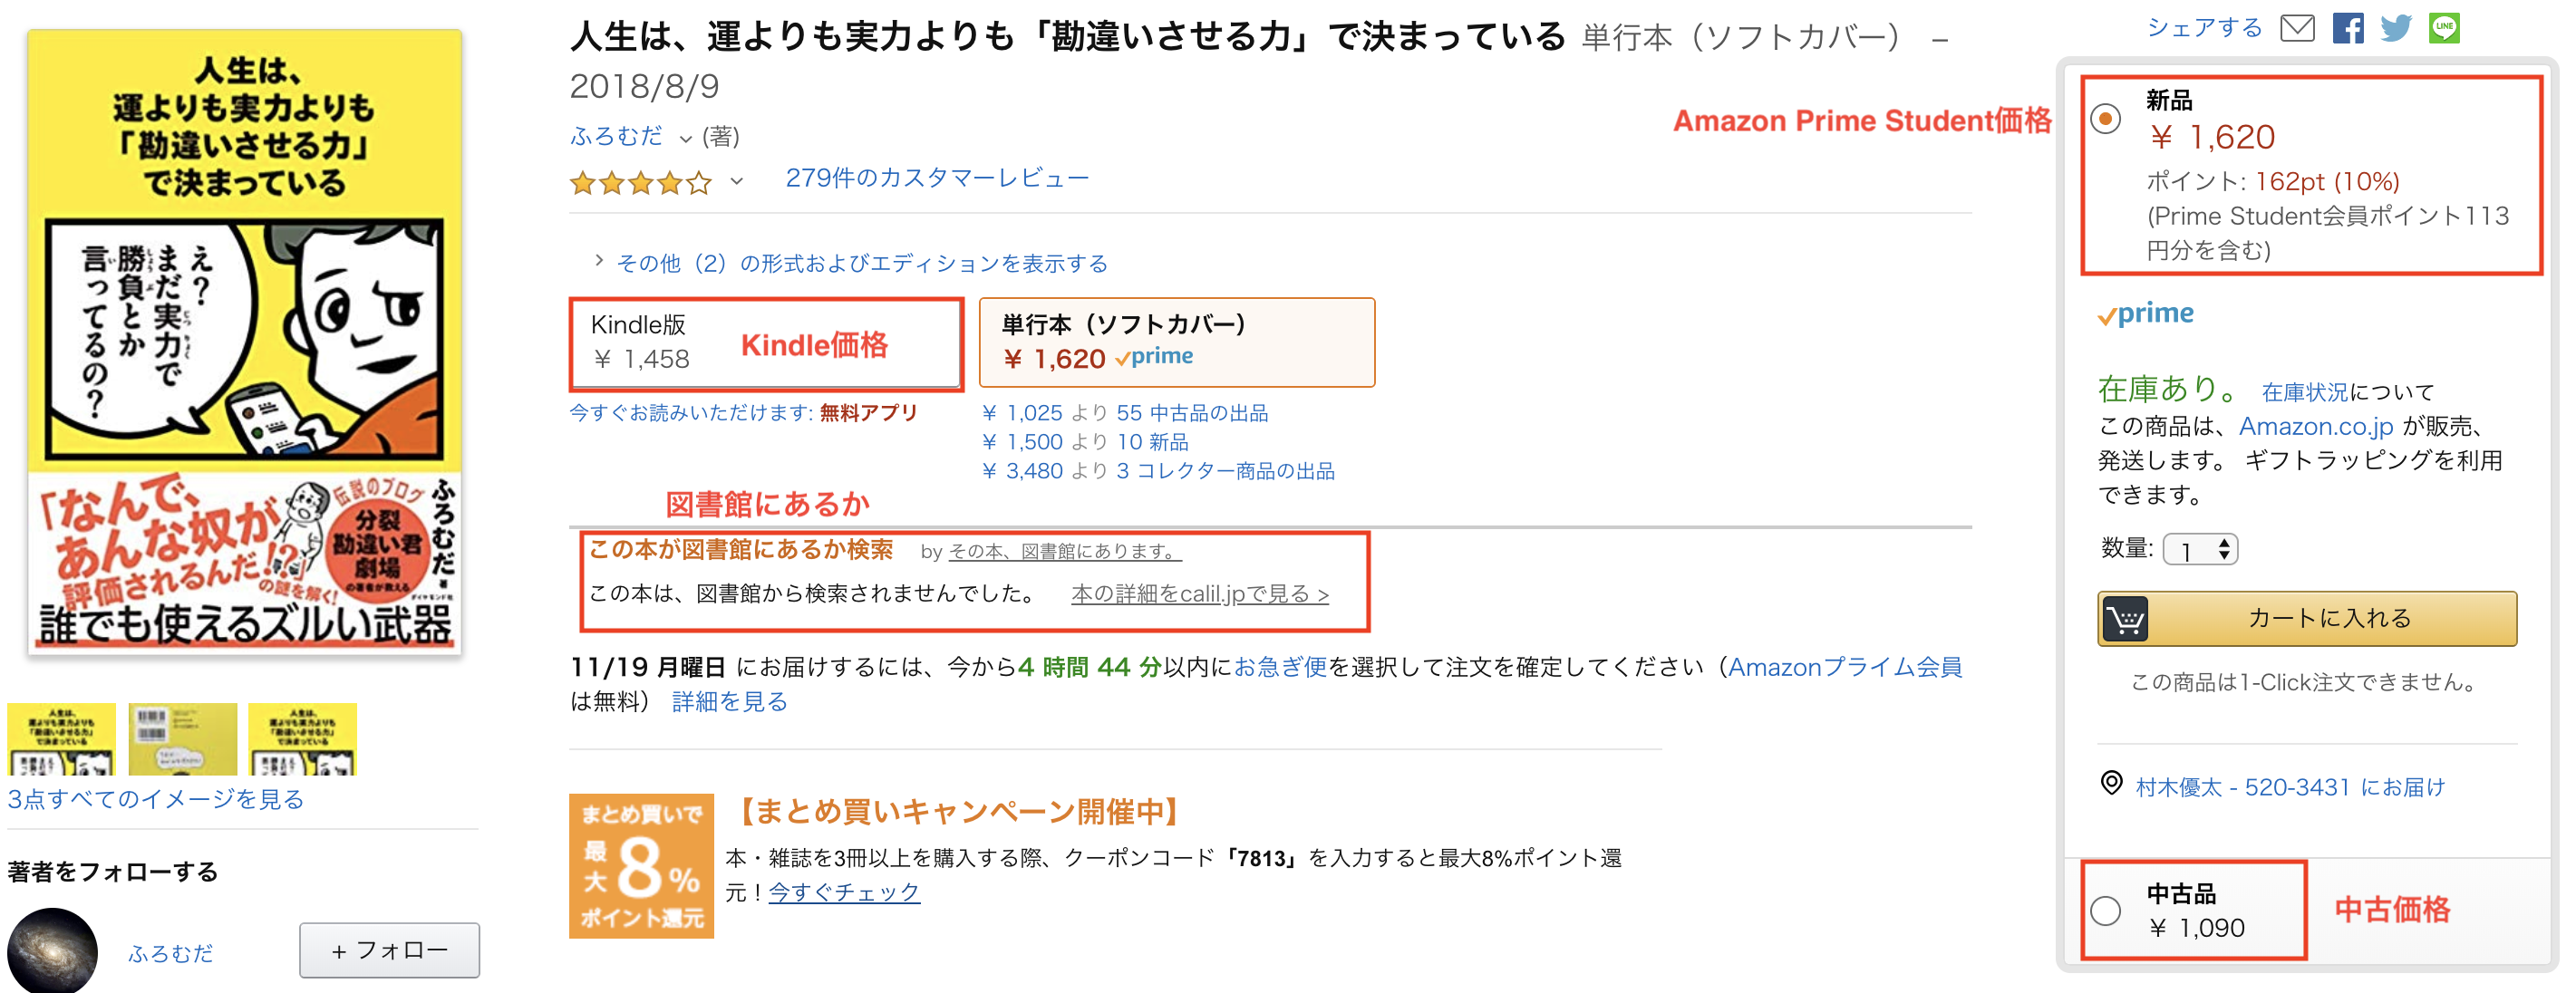 Amazon書籍価格4つの情報